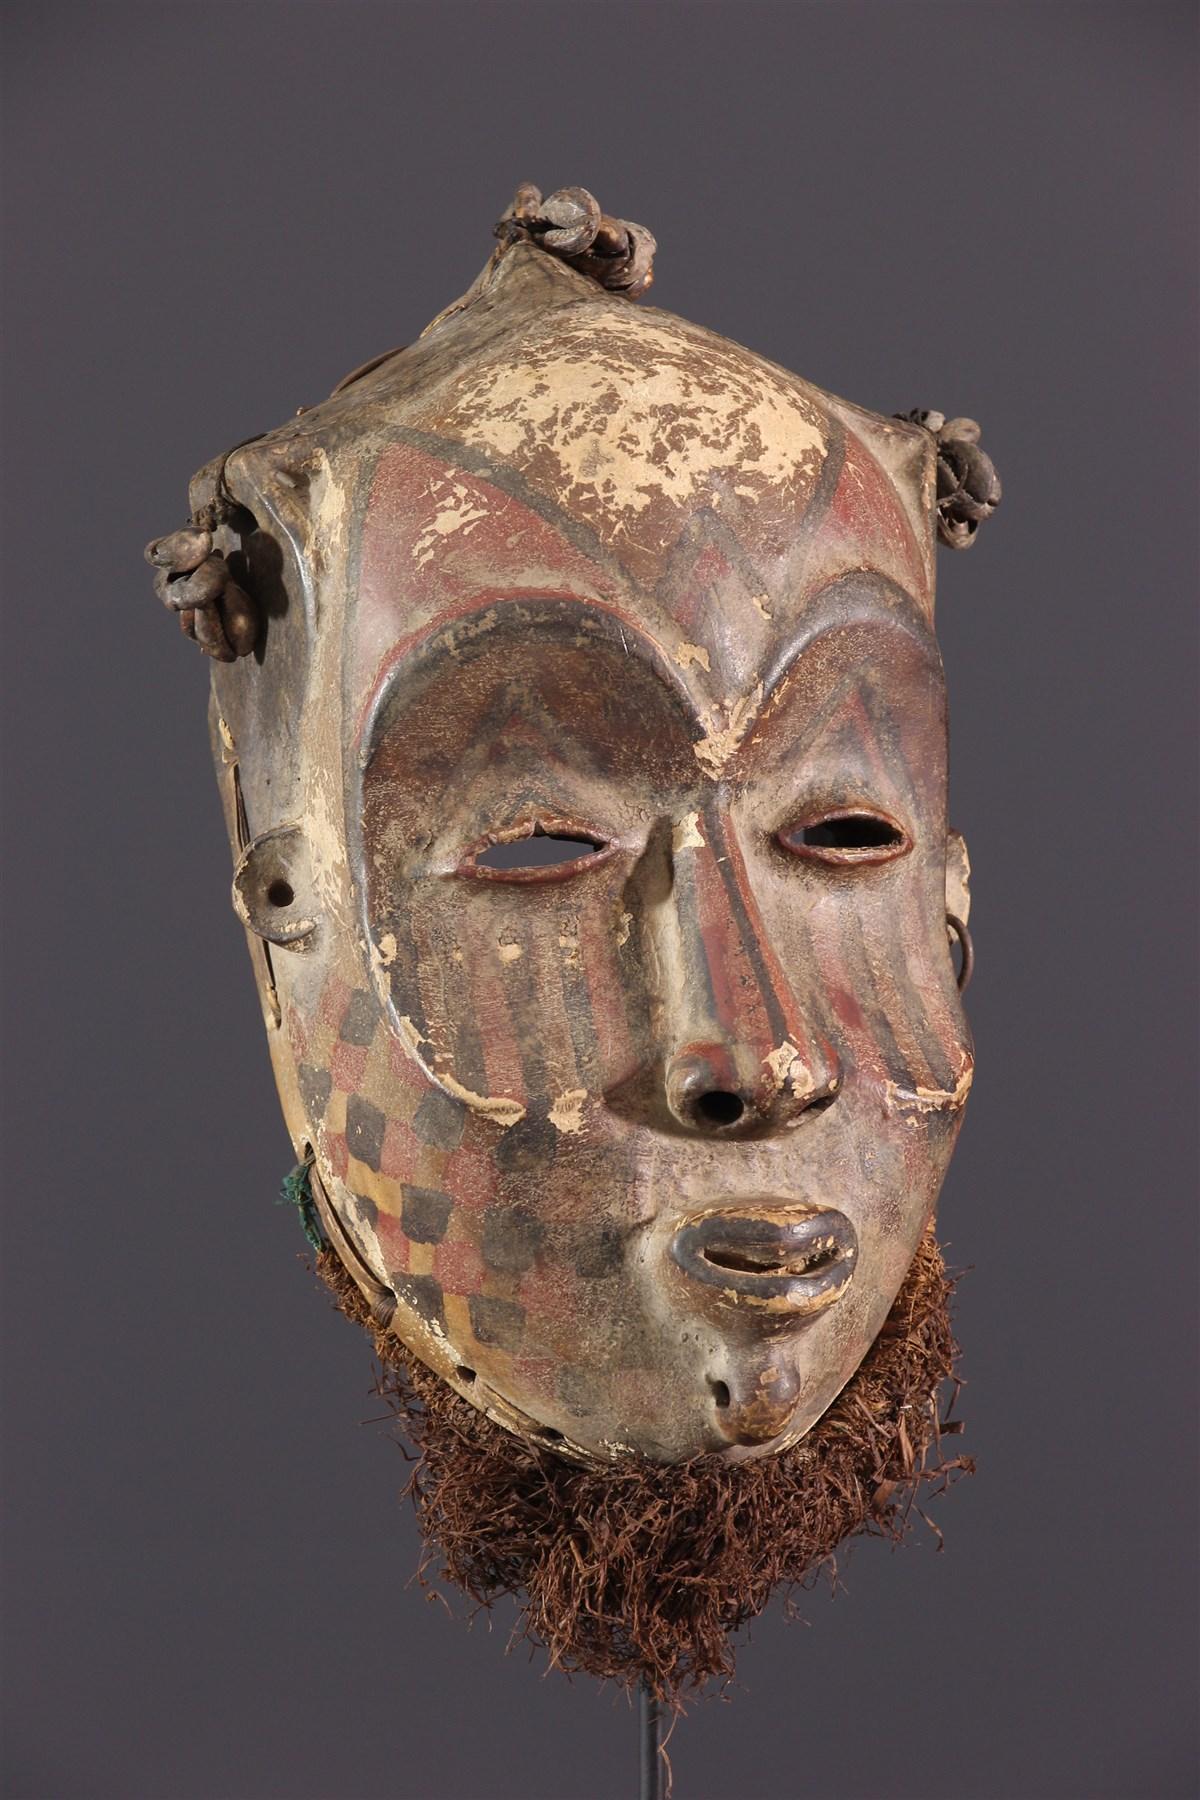 Masque Ngady Amwaash Kuba - Art africain